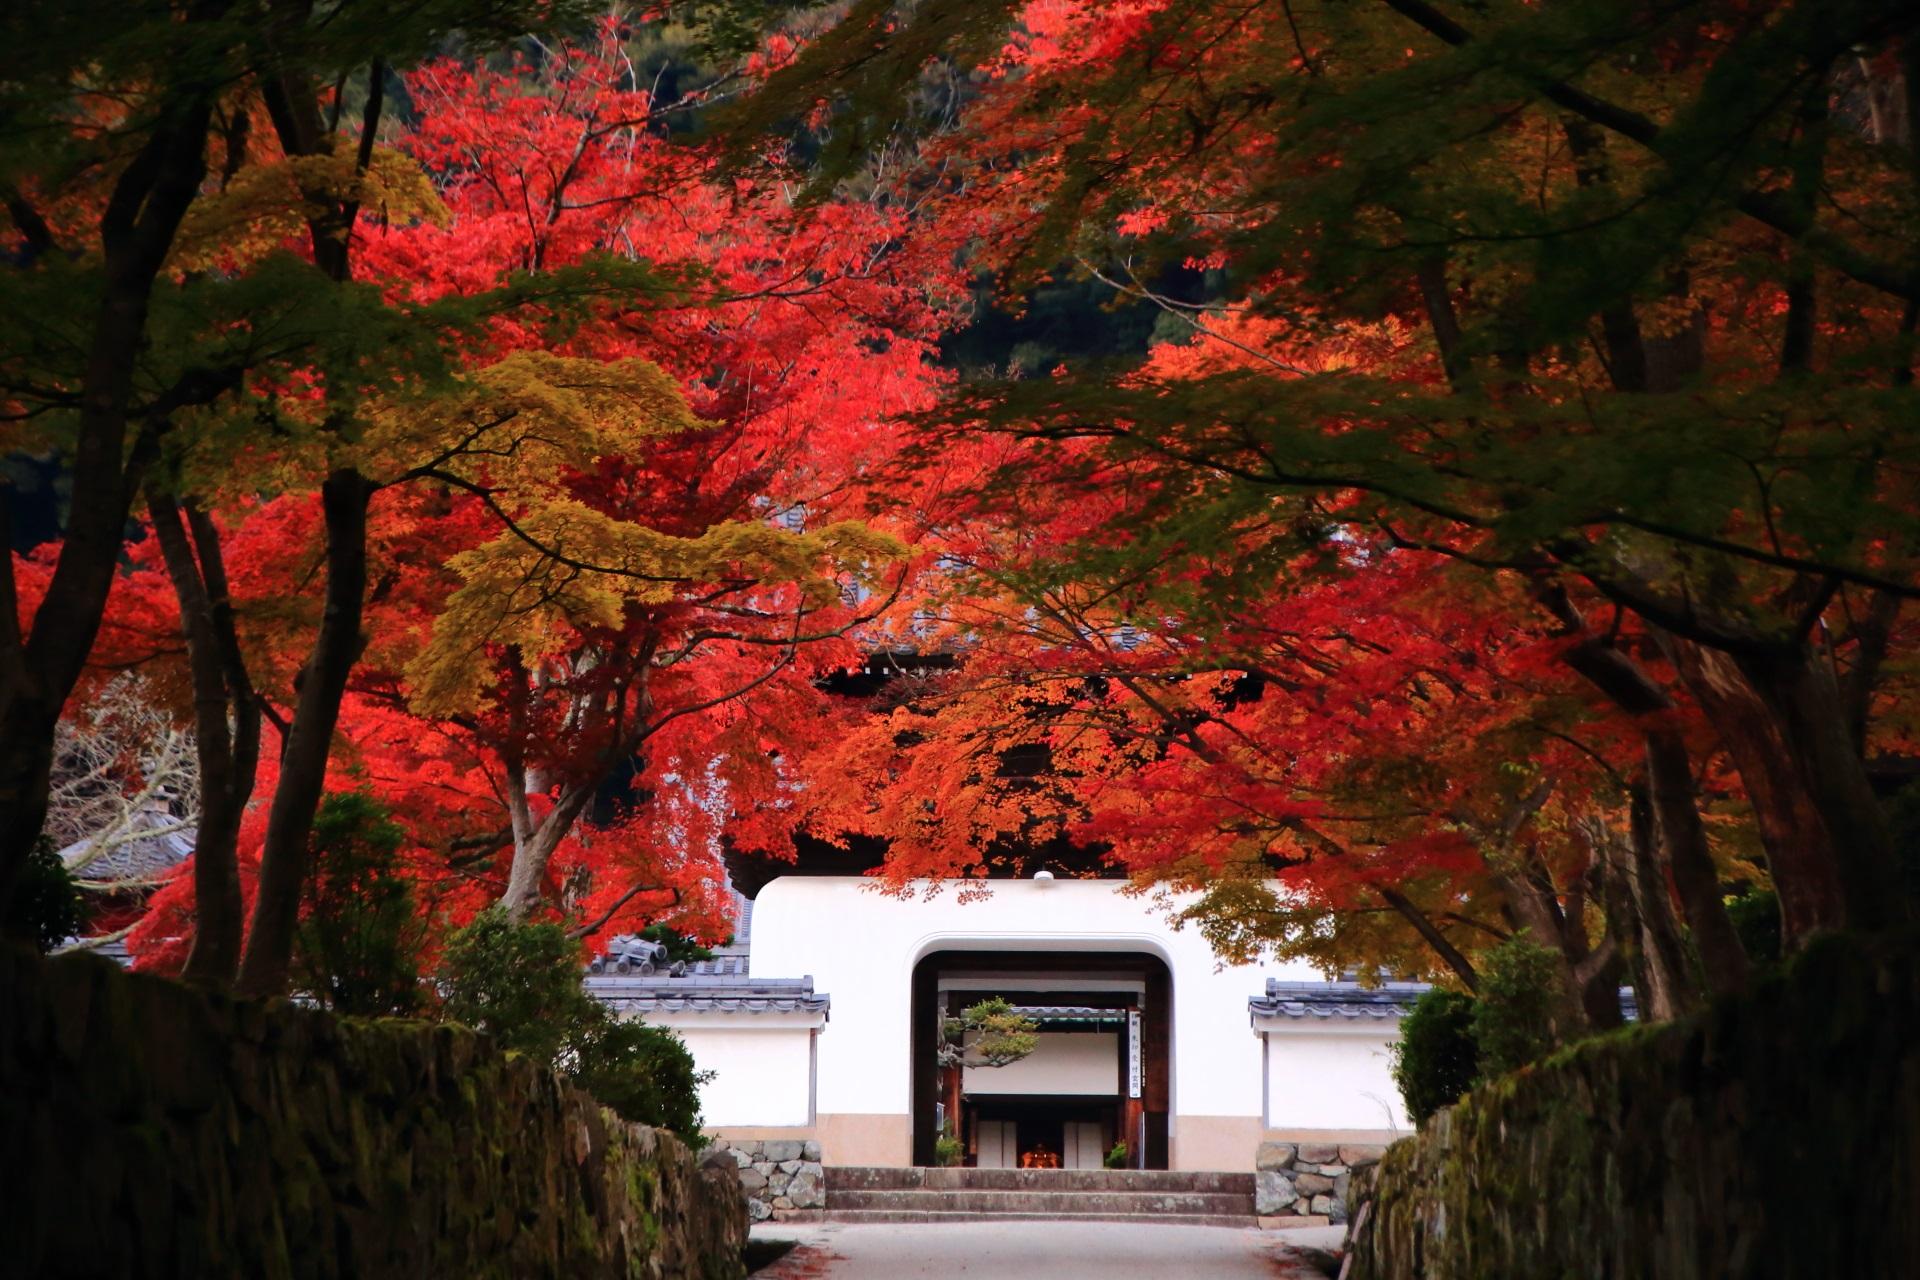 琴坂の多彩な紅葉につつまれる興聖寺の白い山門と秋色のトンネル